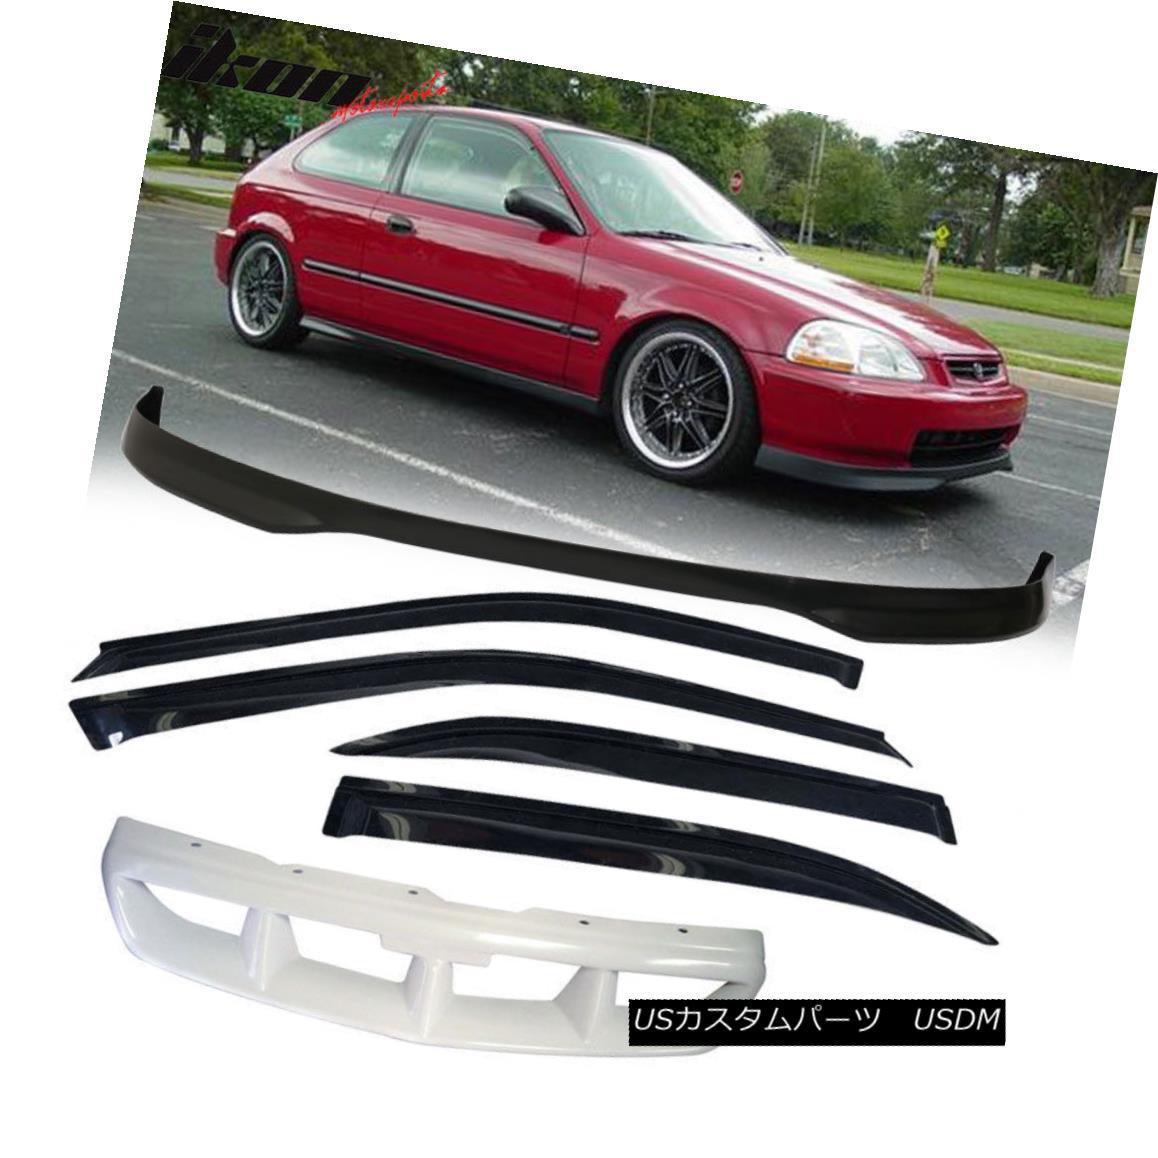 グリル Fits 96-98 Honda Civic 4Dr Front Bumper Lip + Front Grill + Sun Window Visor フィット96-98ホンダシビック4Drフロントバンパーリップ+フロントグリル+サンウィンドウバイザー